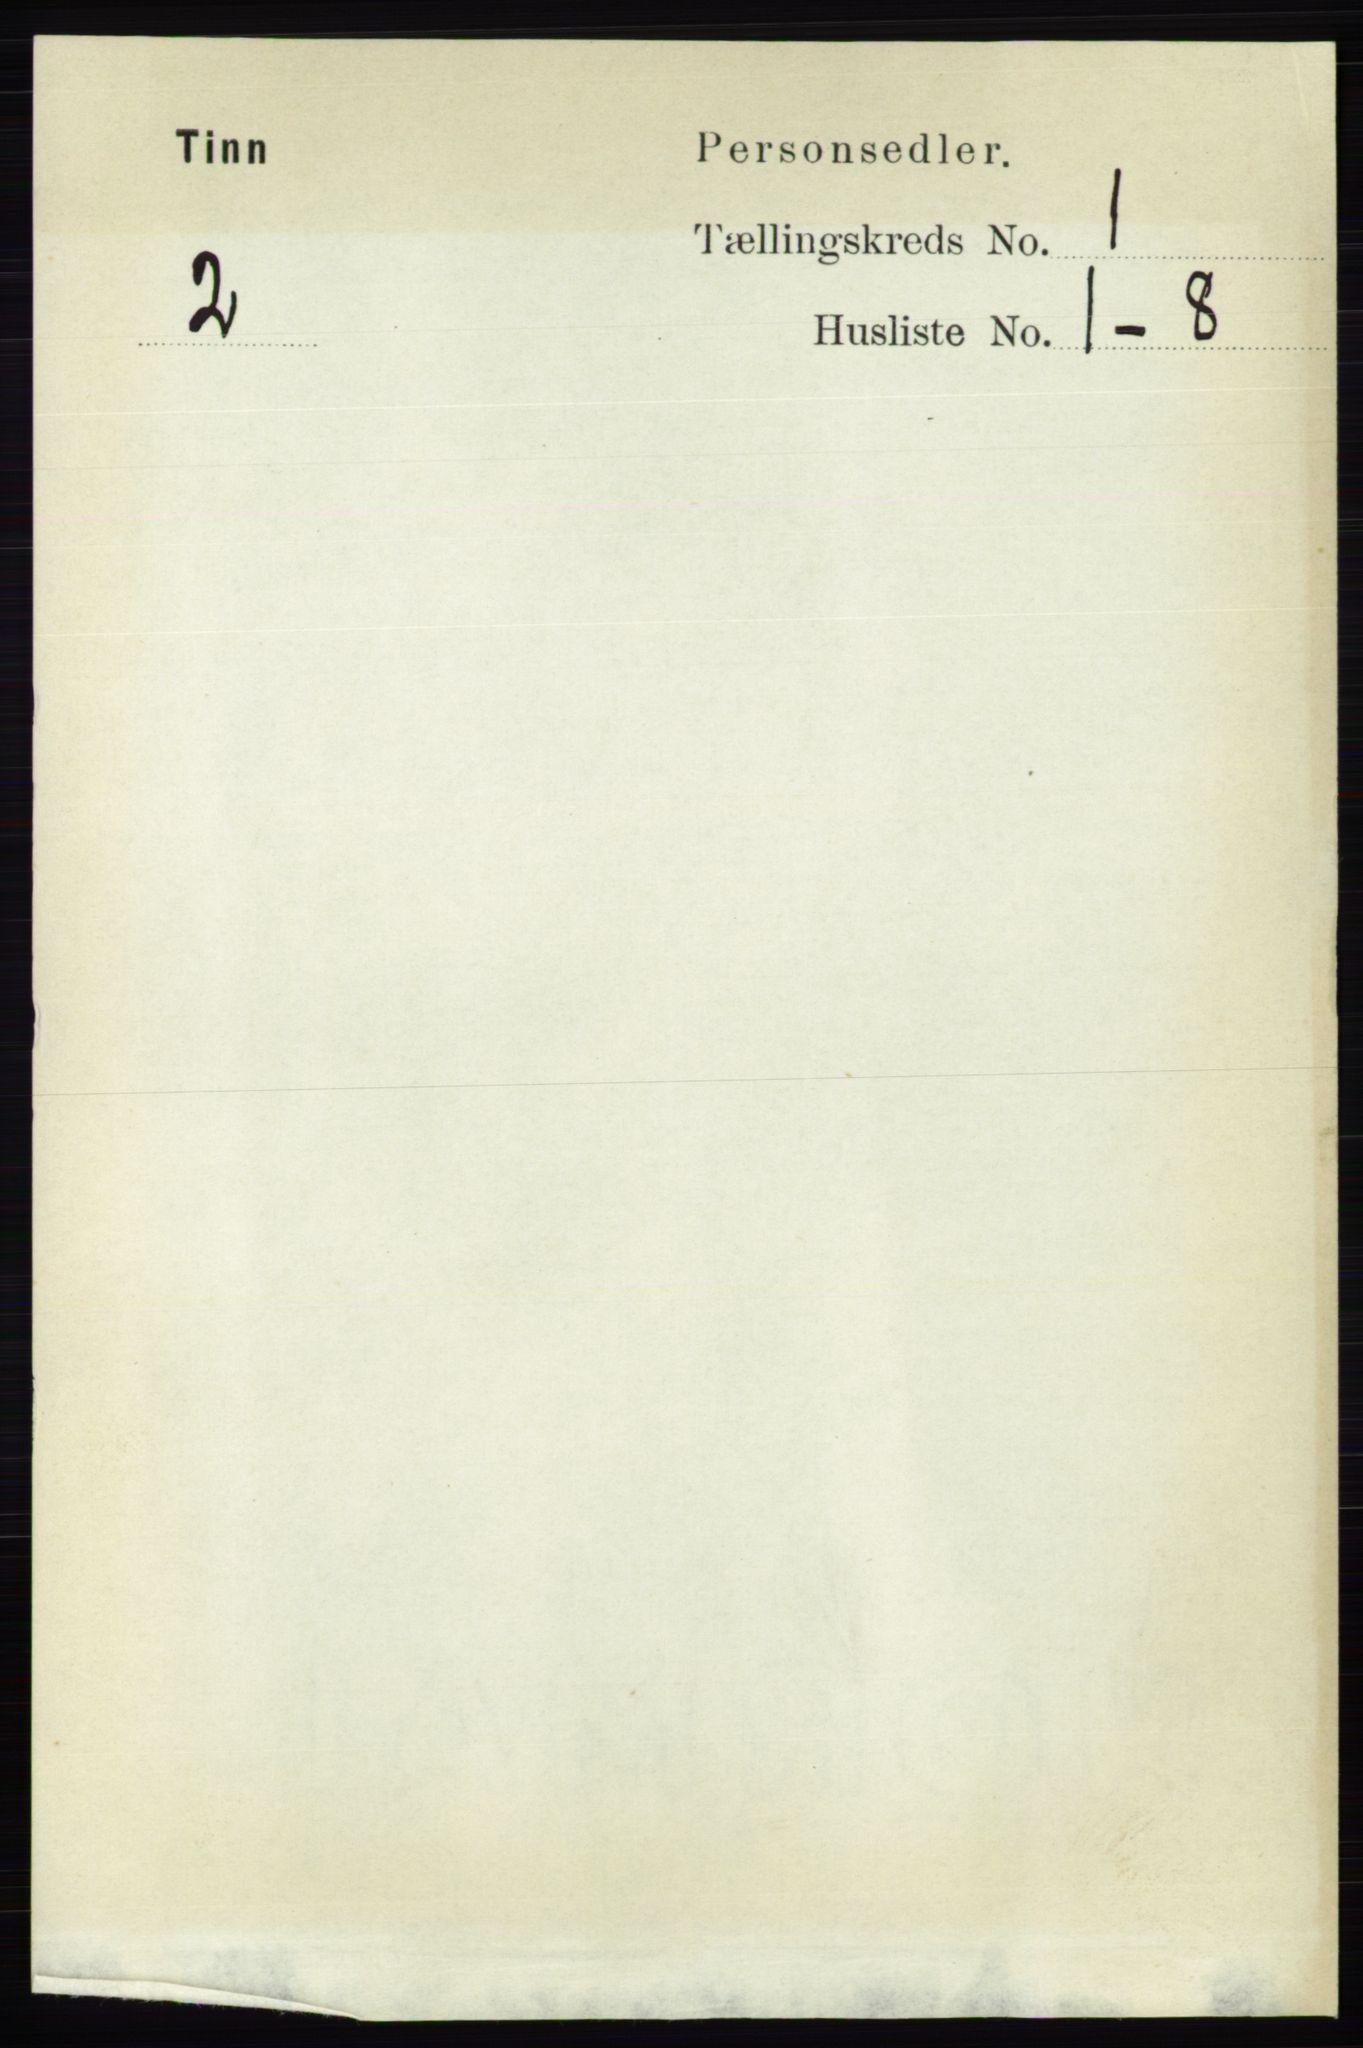 RA, Folketelling 1891 for 0826 Tinn herred, 1891, s. 46